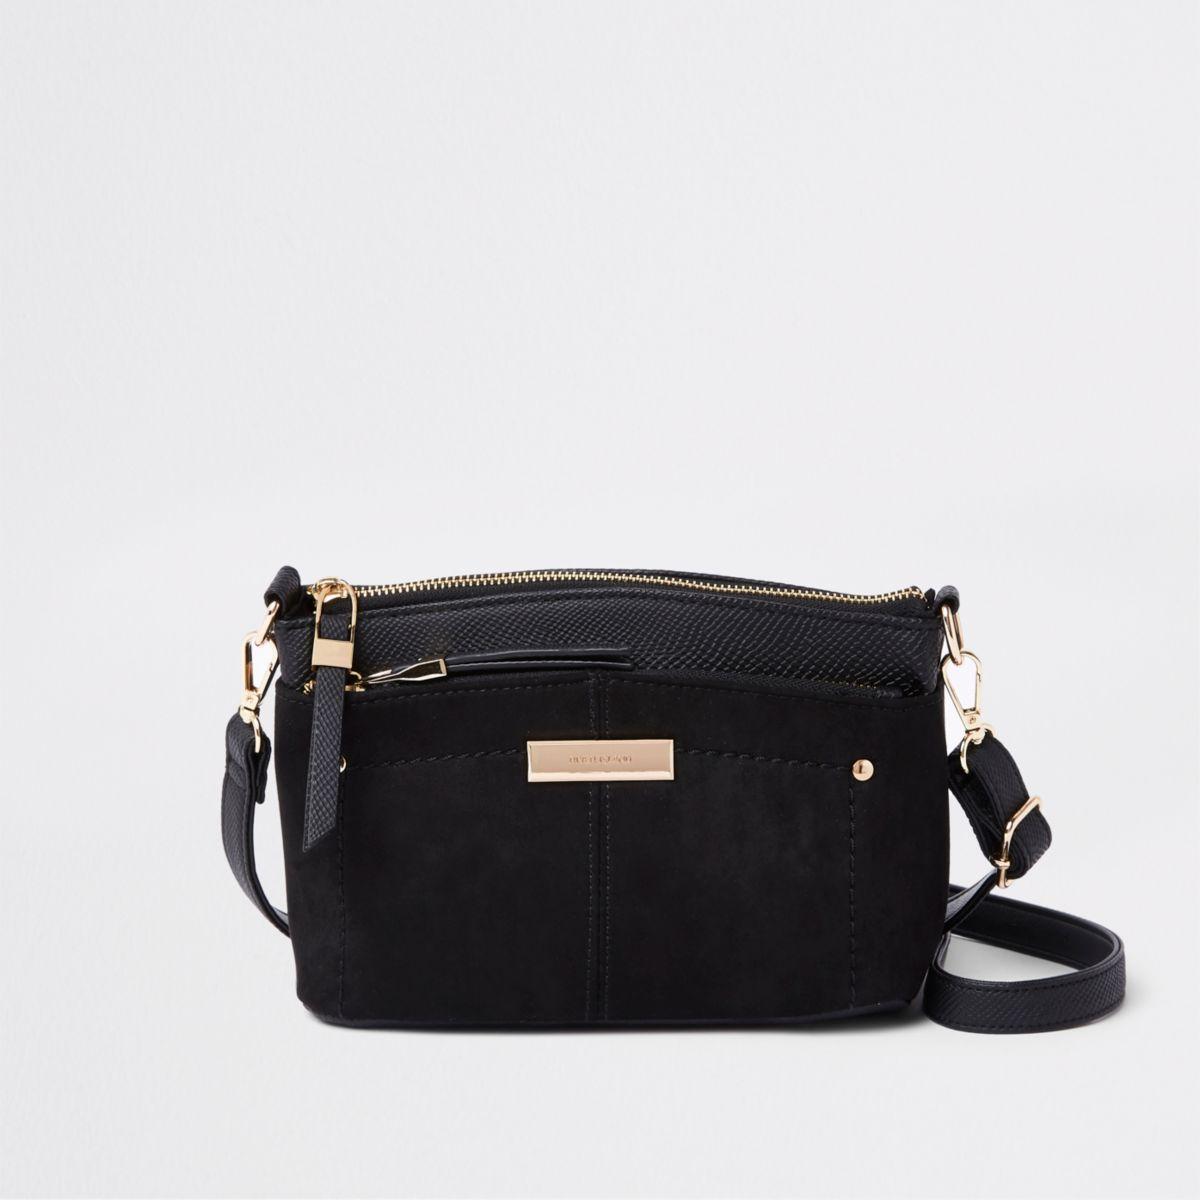 Zwarte tas met drie vakken